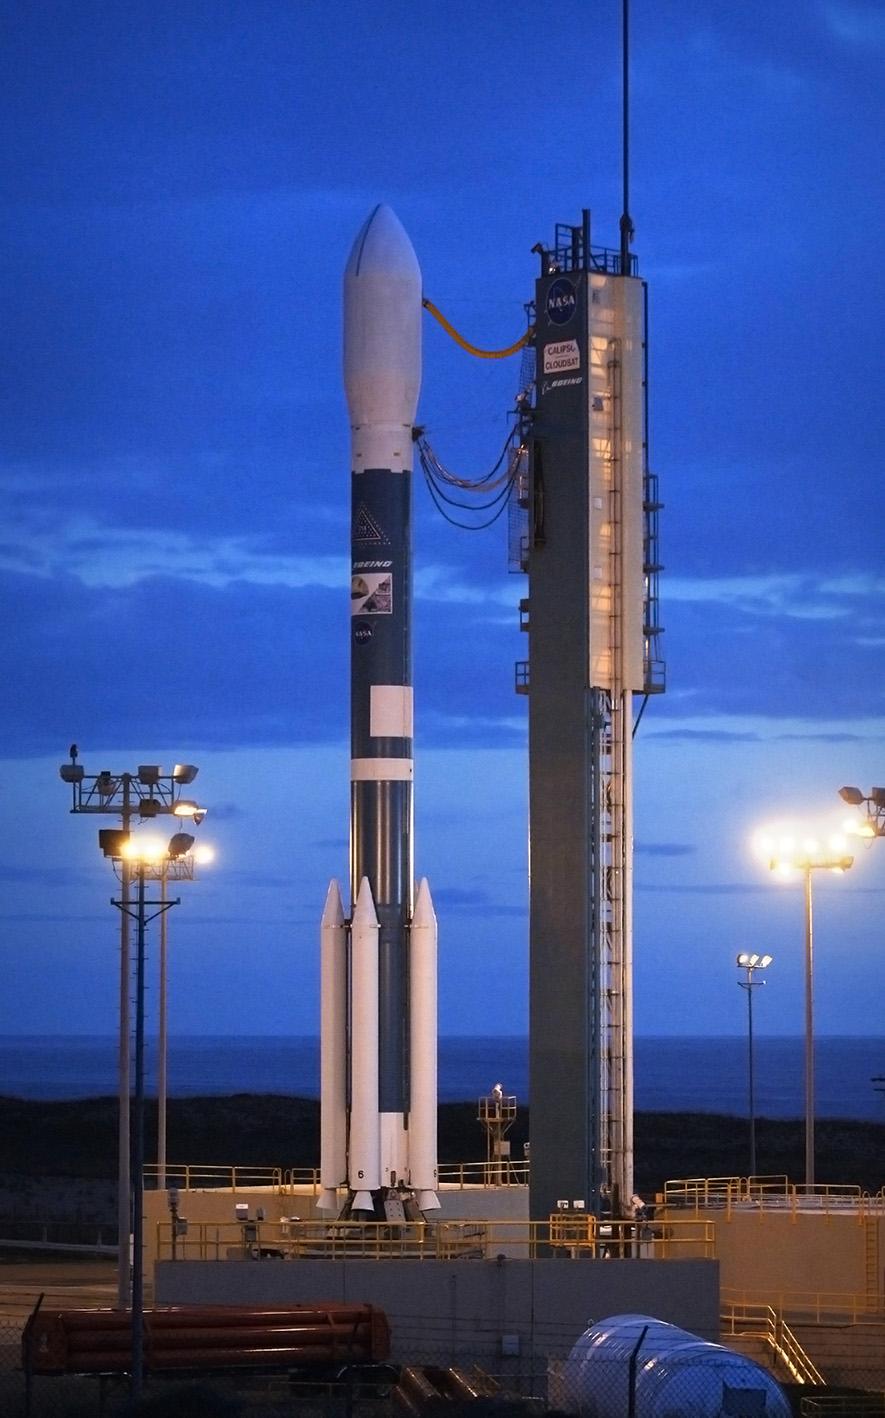 Rakieta nośna Delta II oczekująca na wystrzelenie z bazy Vandenberg w Kalifornii. Na pokładzie rakiety wyczekiwane przez naukowców satelity CloudSat i CALIPSO. Fot. NASA